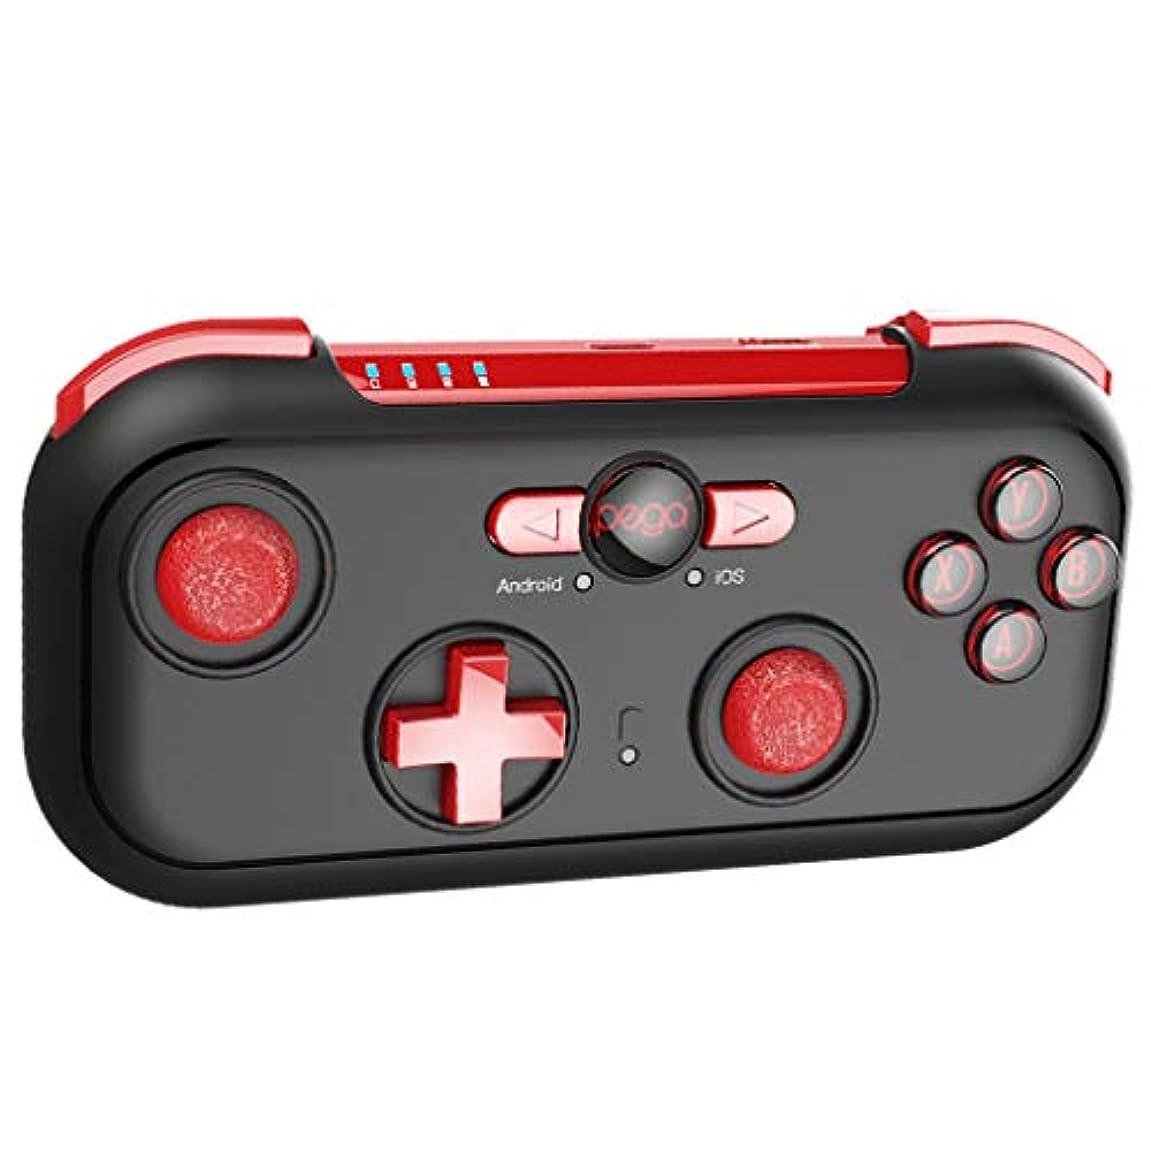 ヘッドレスボリューム欲しいですFarantasyゲームパッドファッションは、Bluetooth ゲームパッドのワイヤレスゲームを刺激します Controllerfor アンドロイドテレビボックス iOS PC スマートフォンタブレットコンピュータスマートテレビセットトップボックス